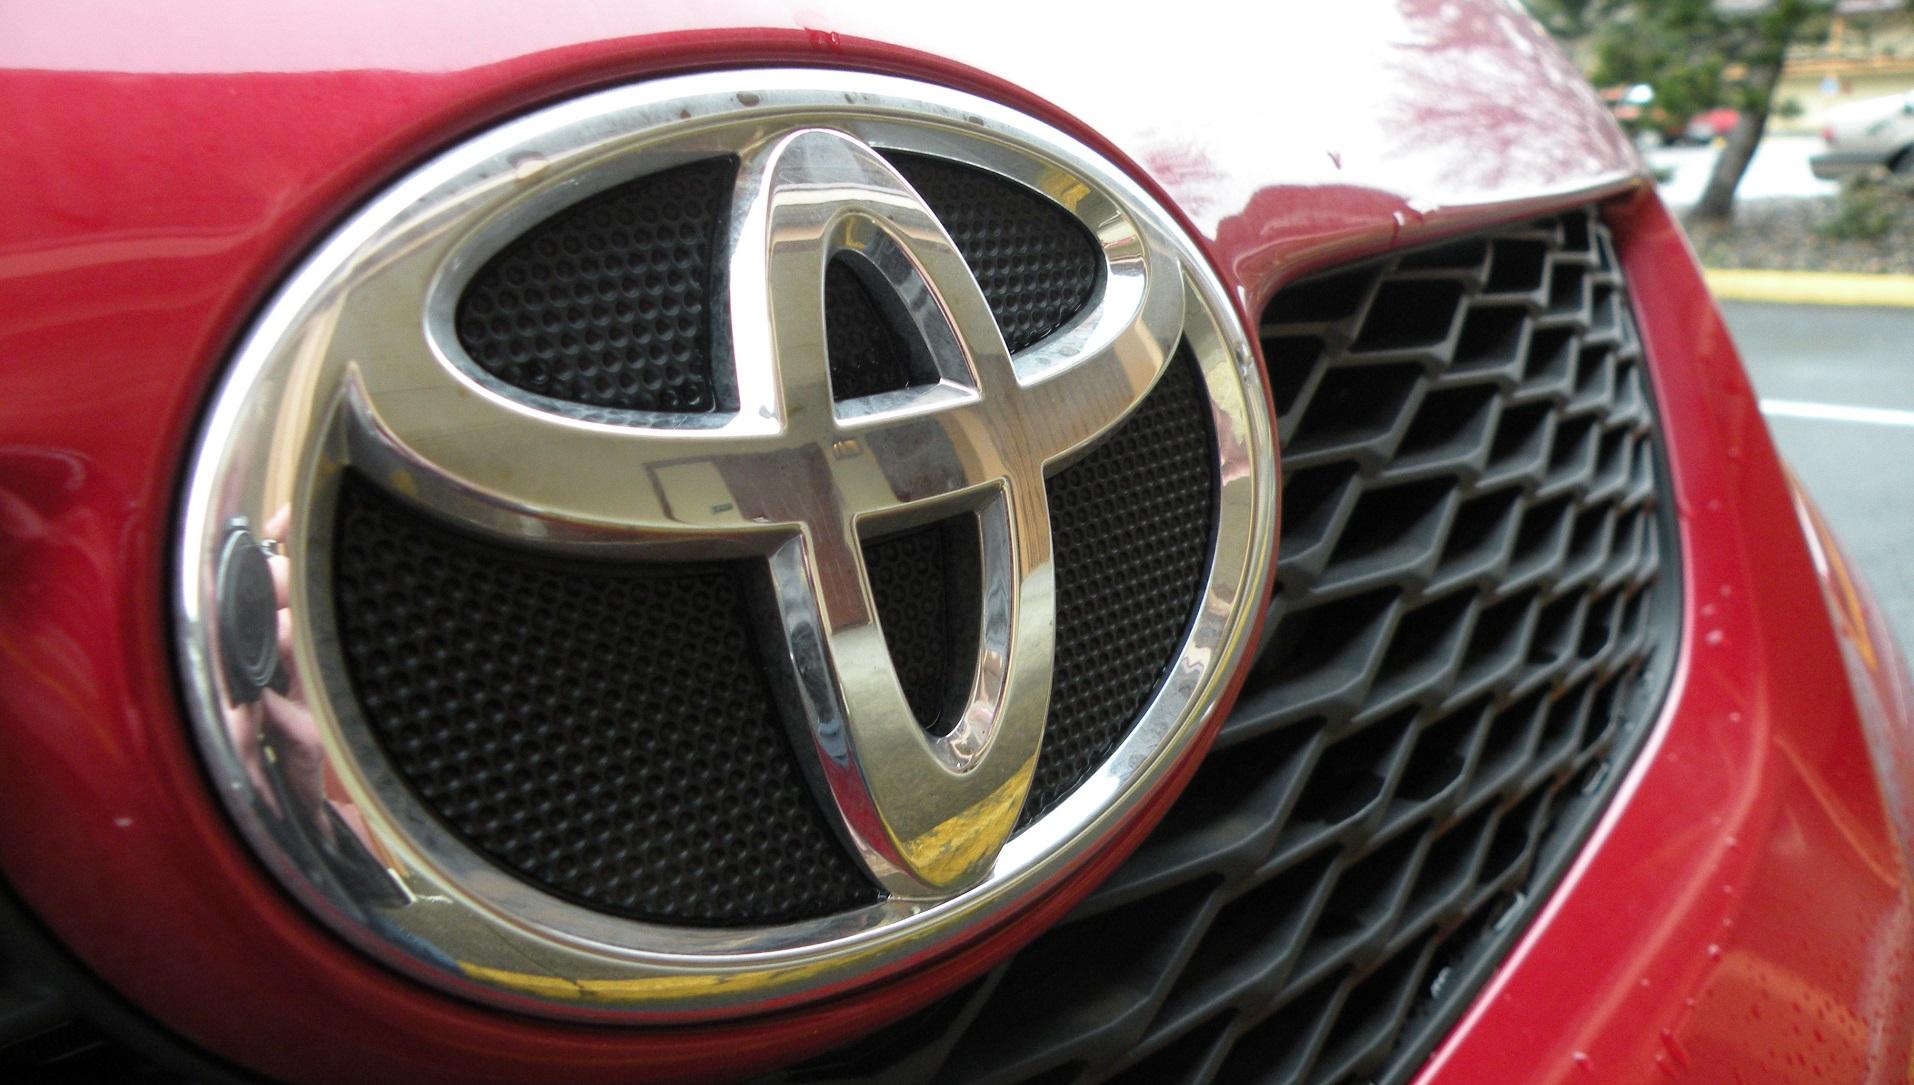 Toyota apoya un proyecto de sus empleados para crear un coche volador